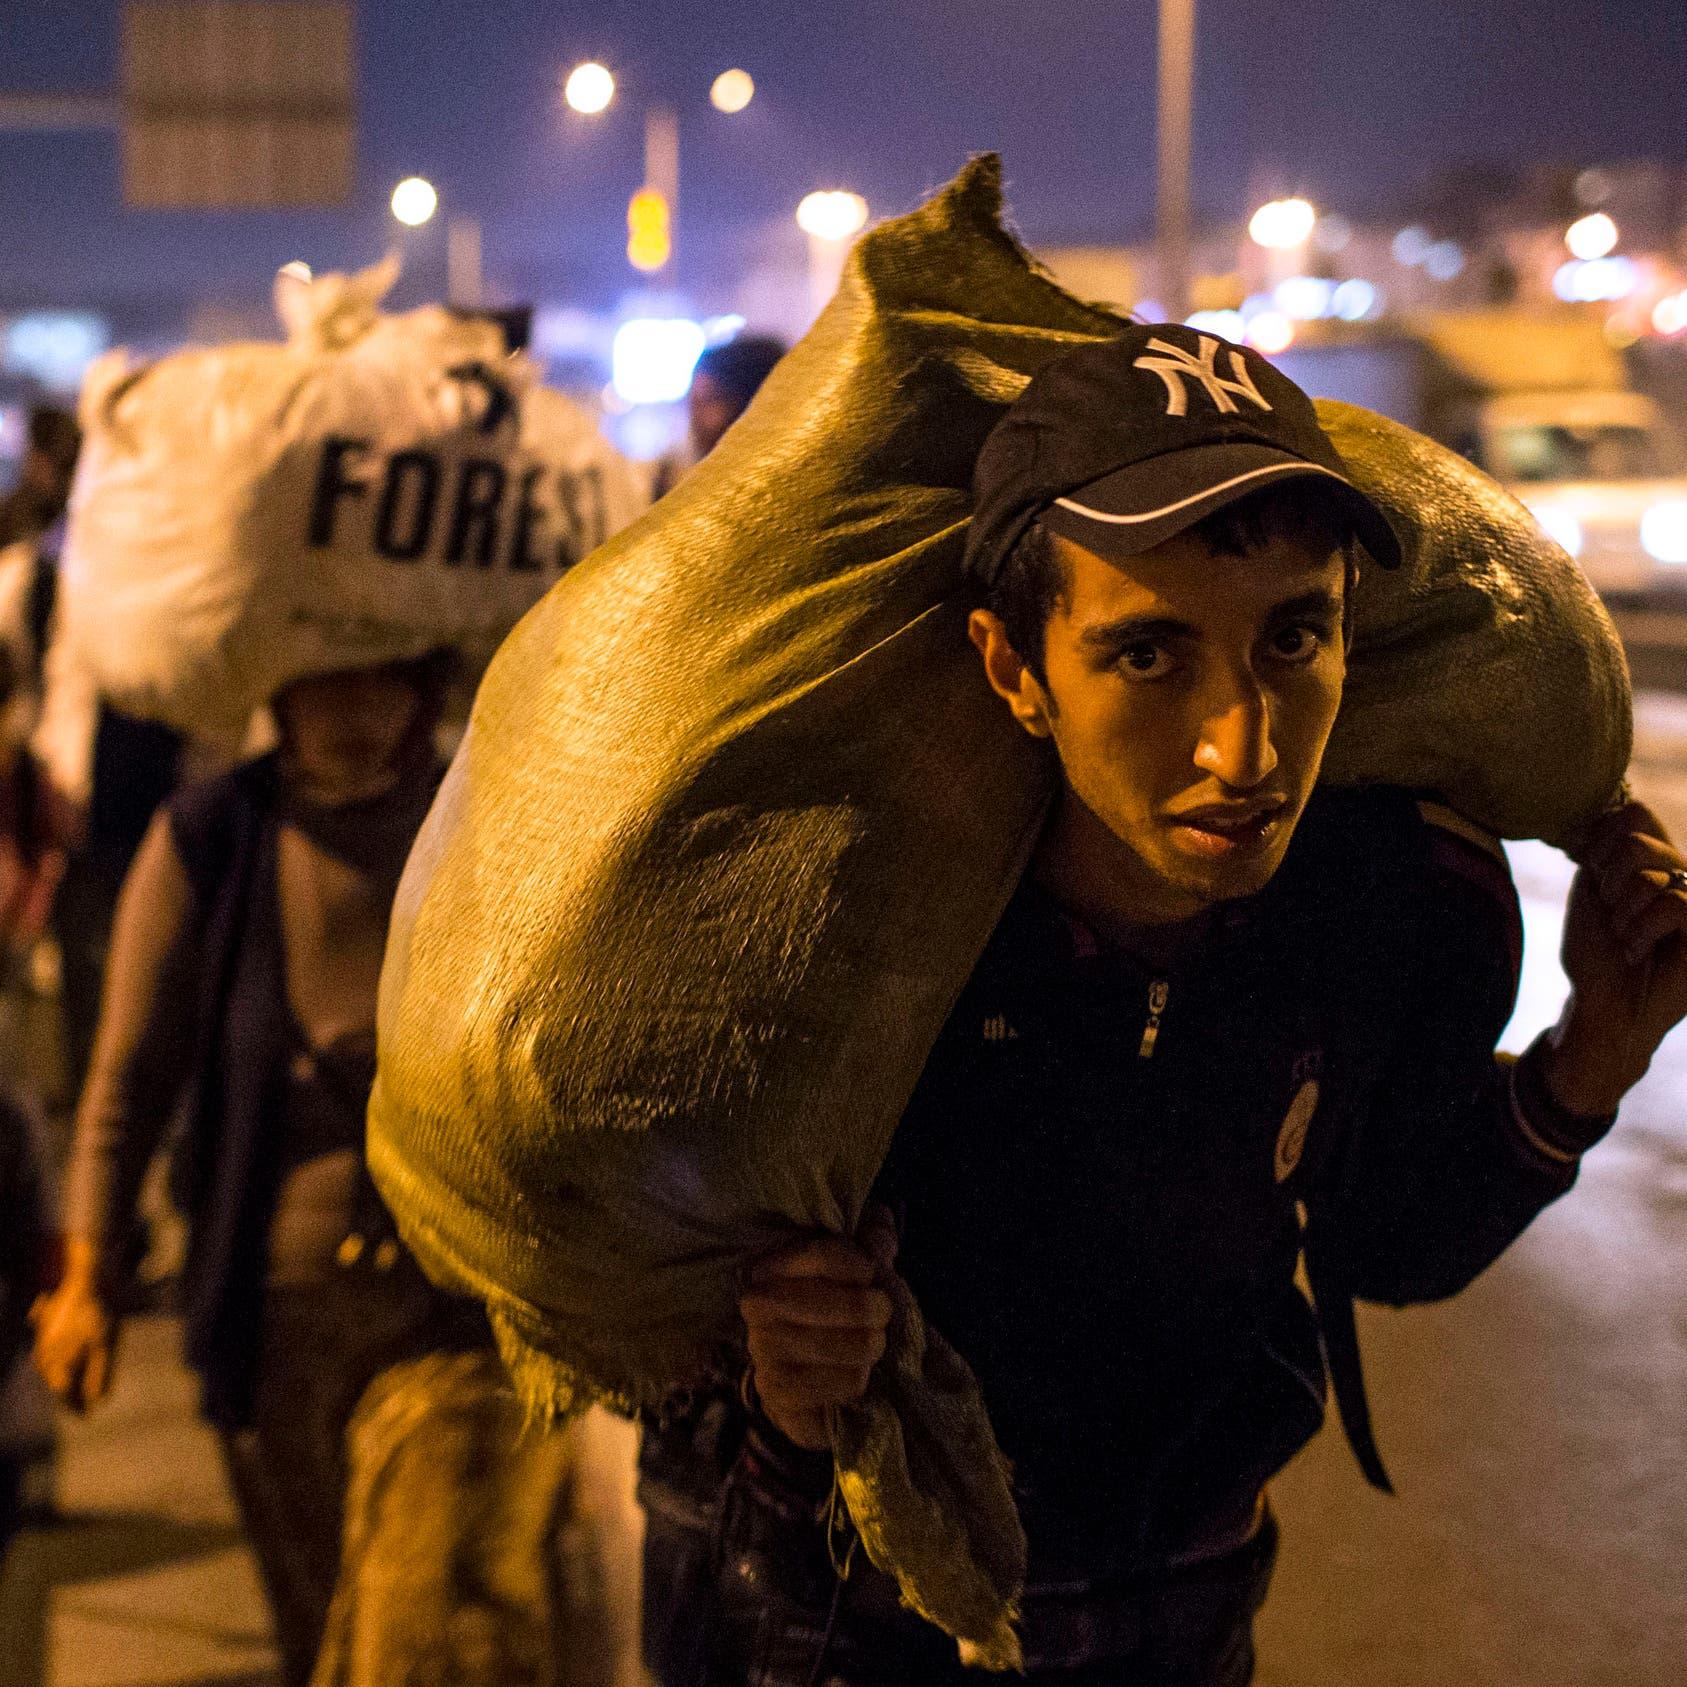 تركيا.. حملة مستمرة ضد اللاجئين وتوقيف 6 آلاف شخص